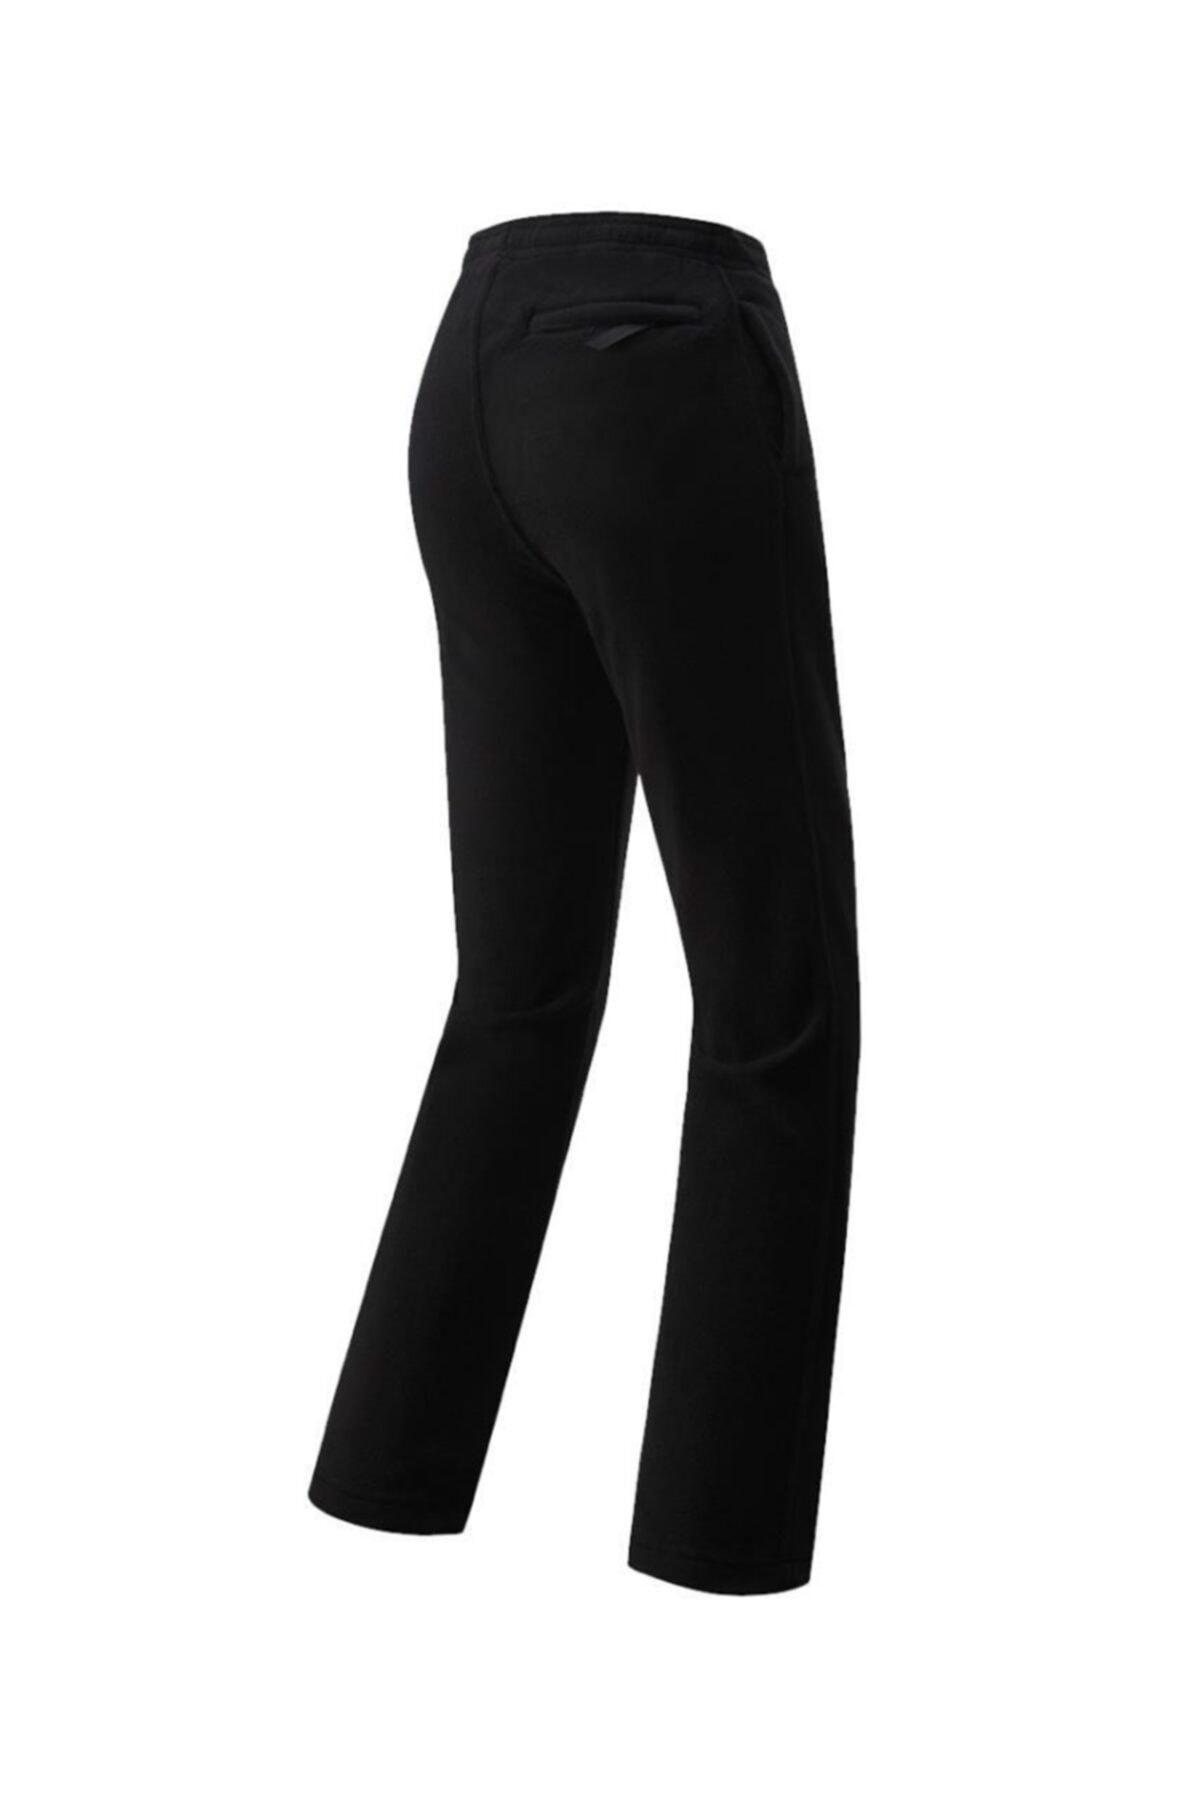 2AS Answer Fleece Kadın Polar Pantolon Siyah 2